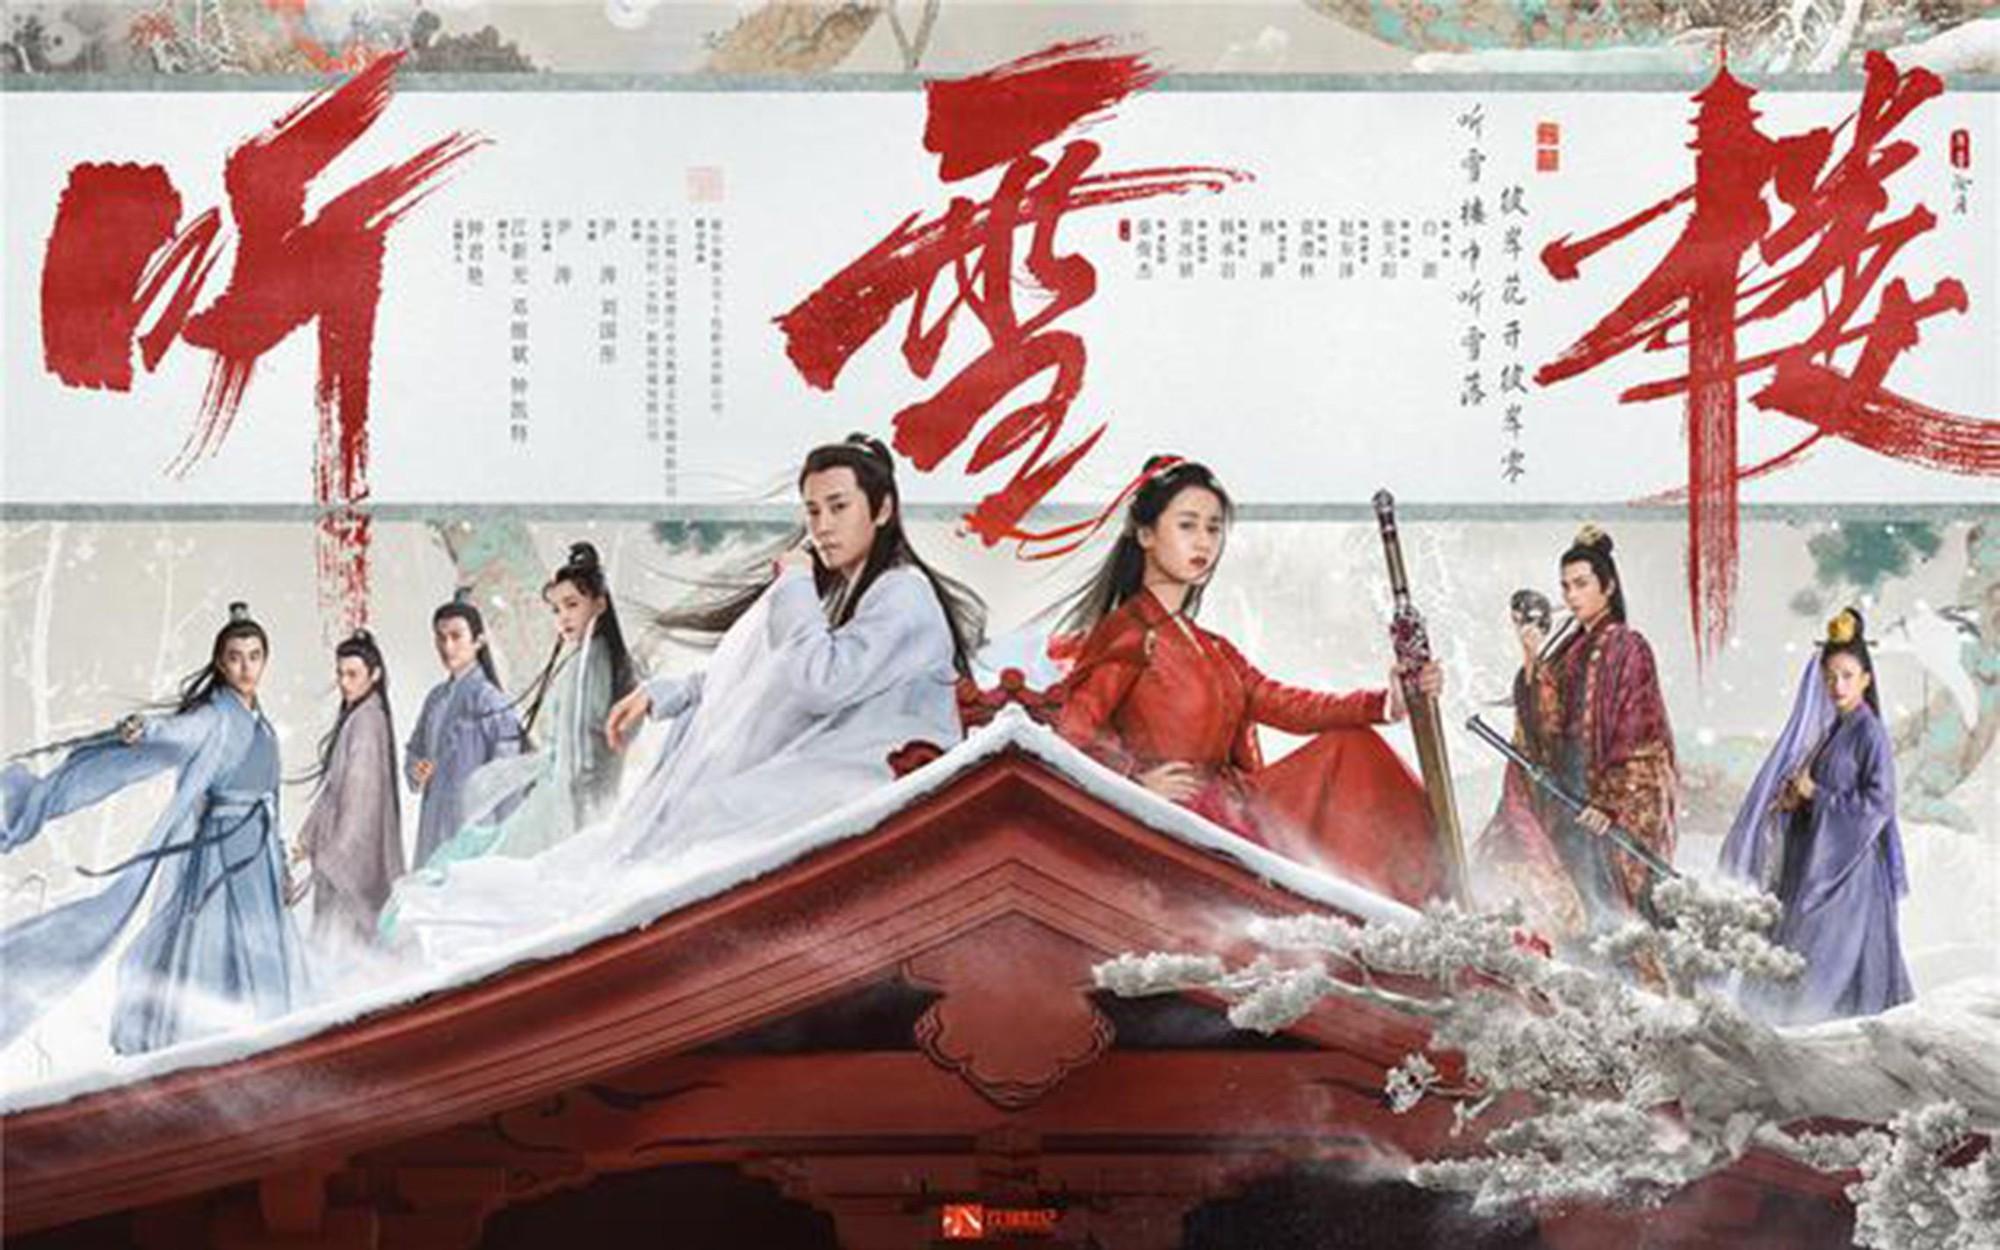 6 điểm khác biệt rành rành giữa phim cổ trang Hàn và Trung - Hình 1